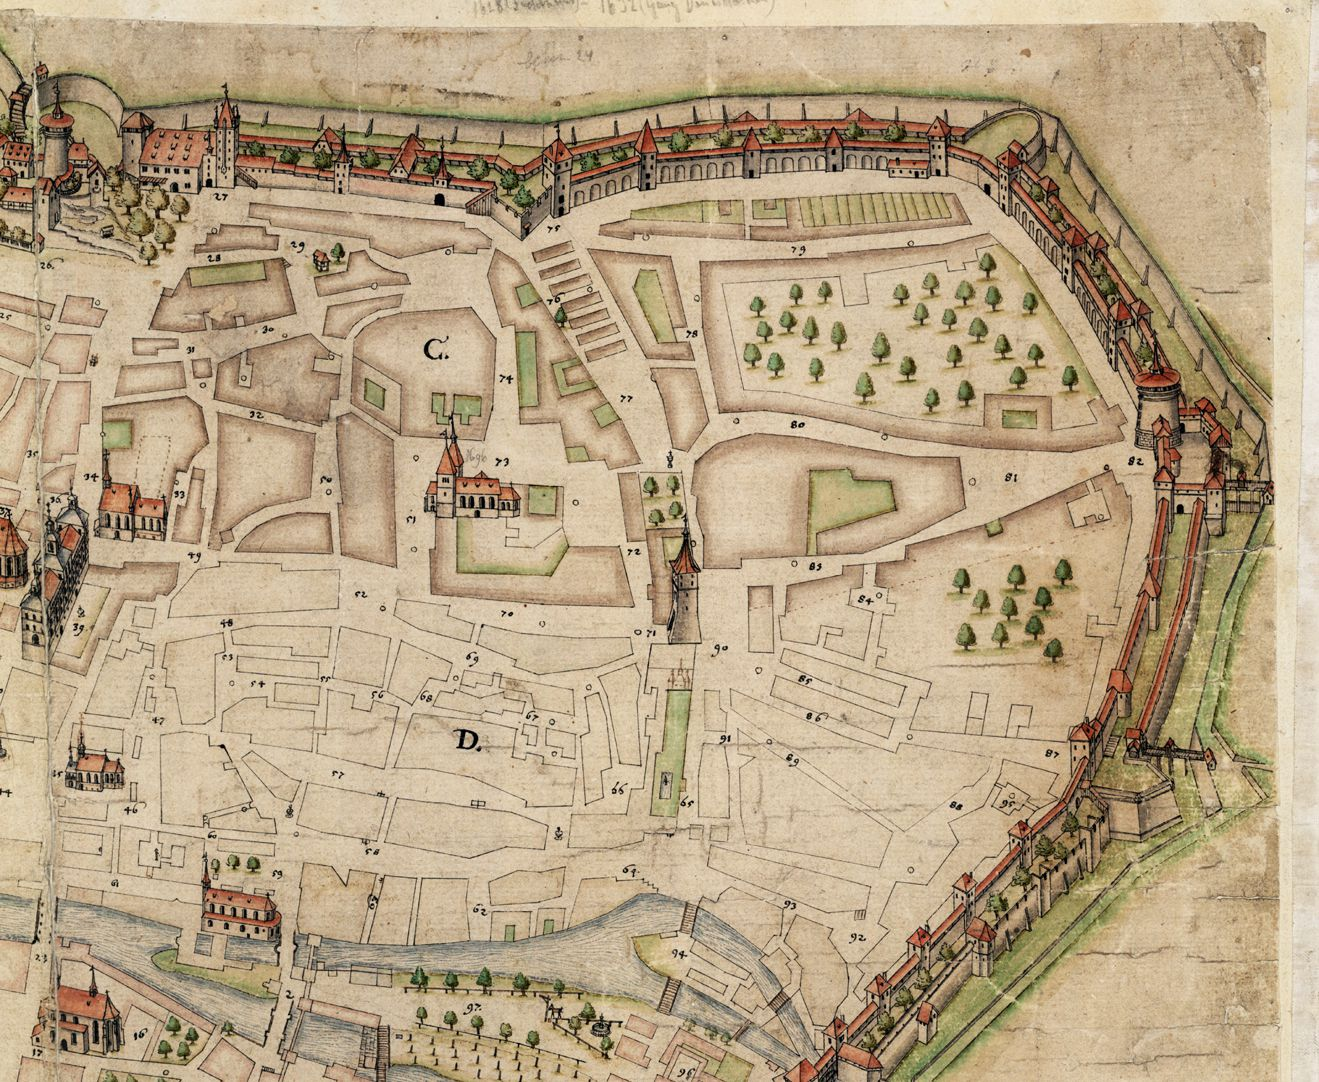 Nürnberg in Aufsicht von Süden rechtes oberes Bildviertel